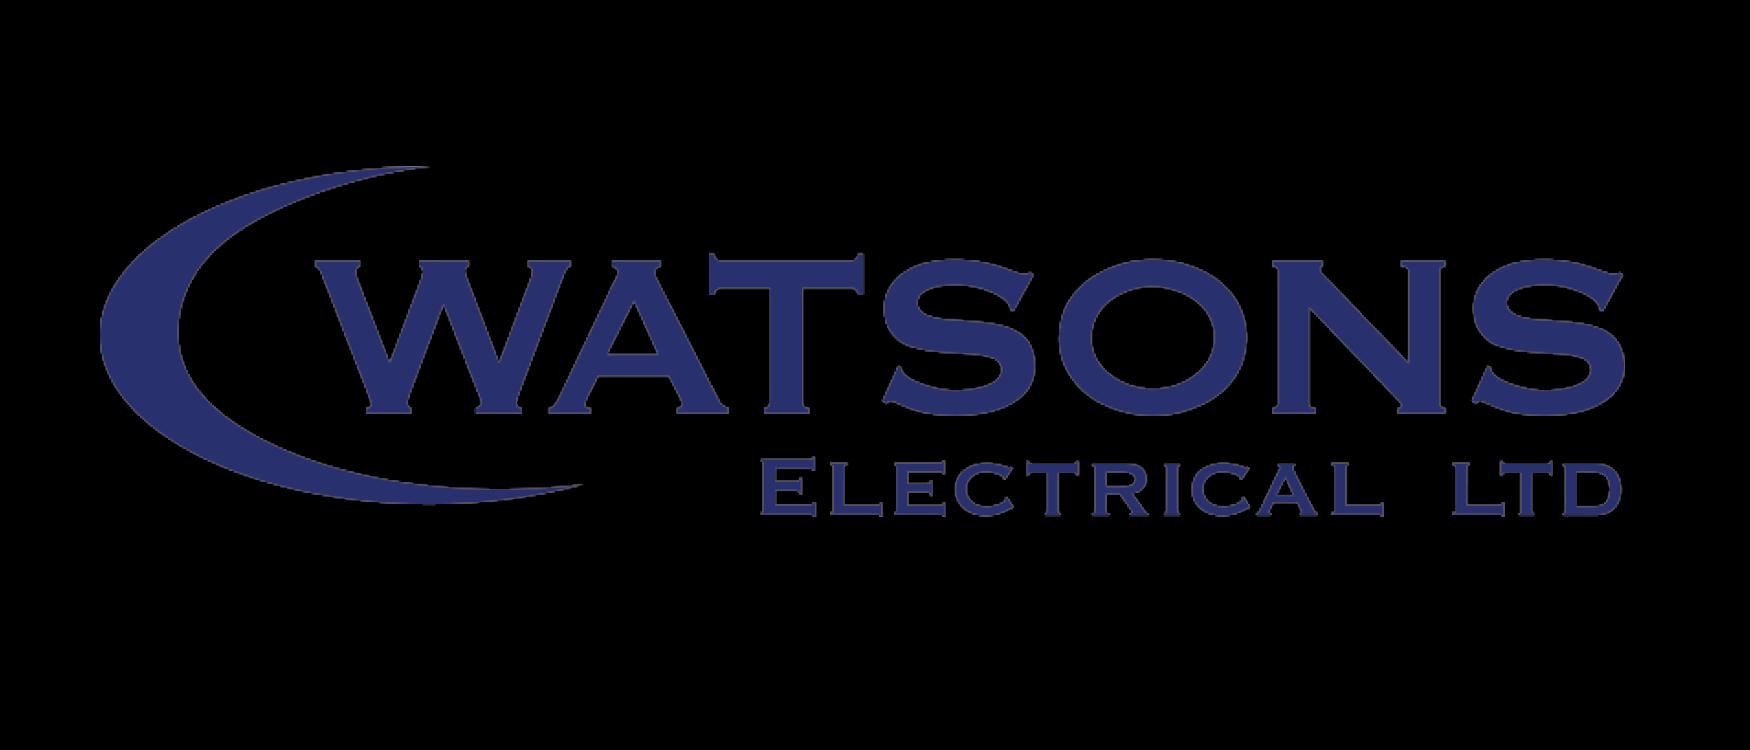 Watson Electrical Ltd